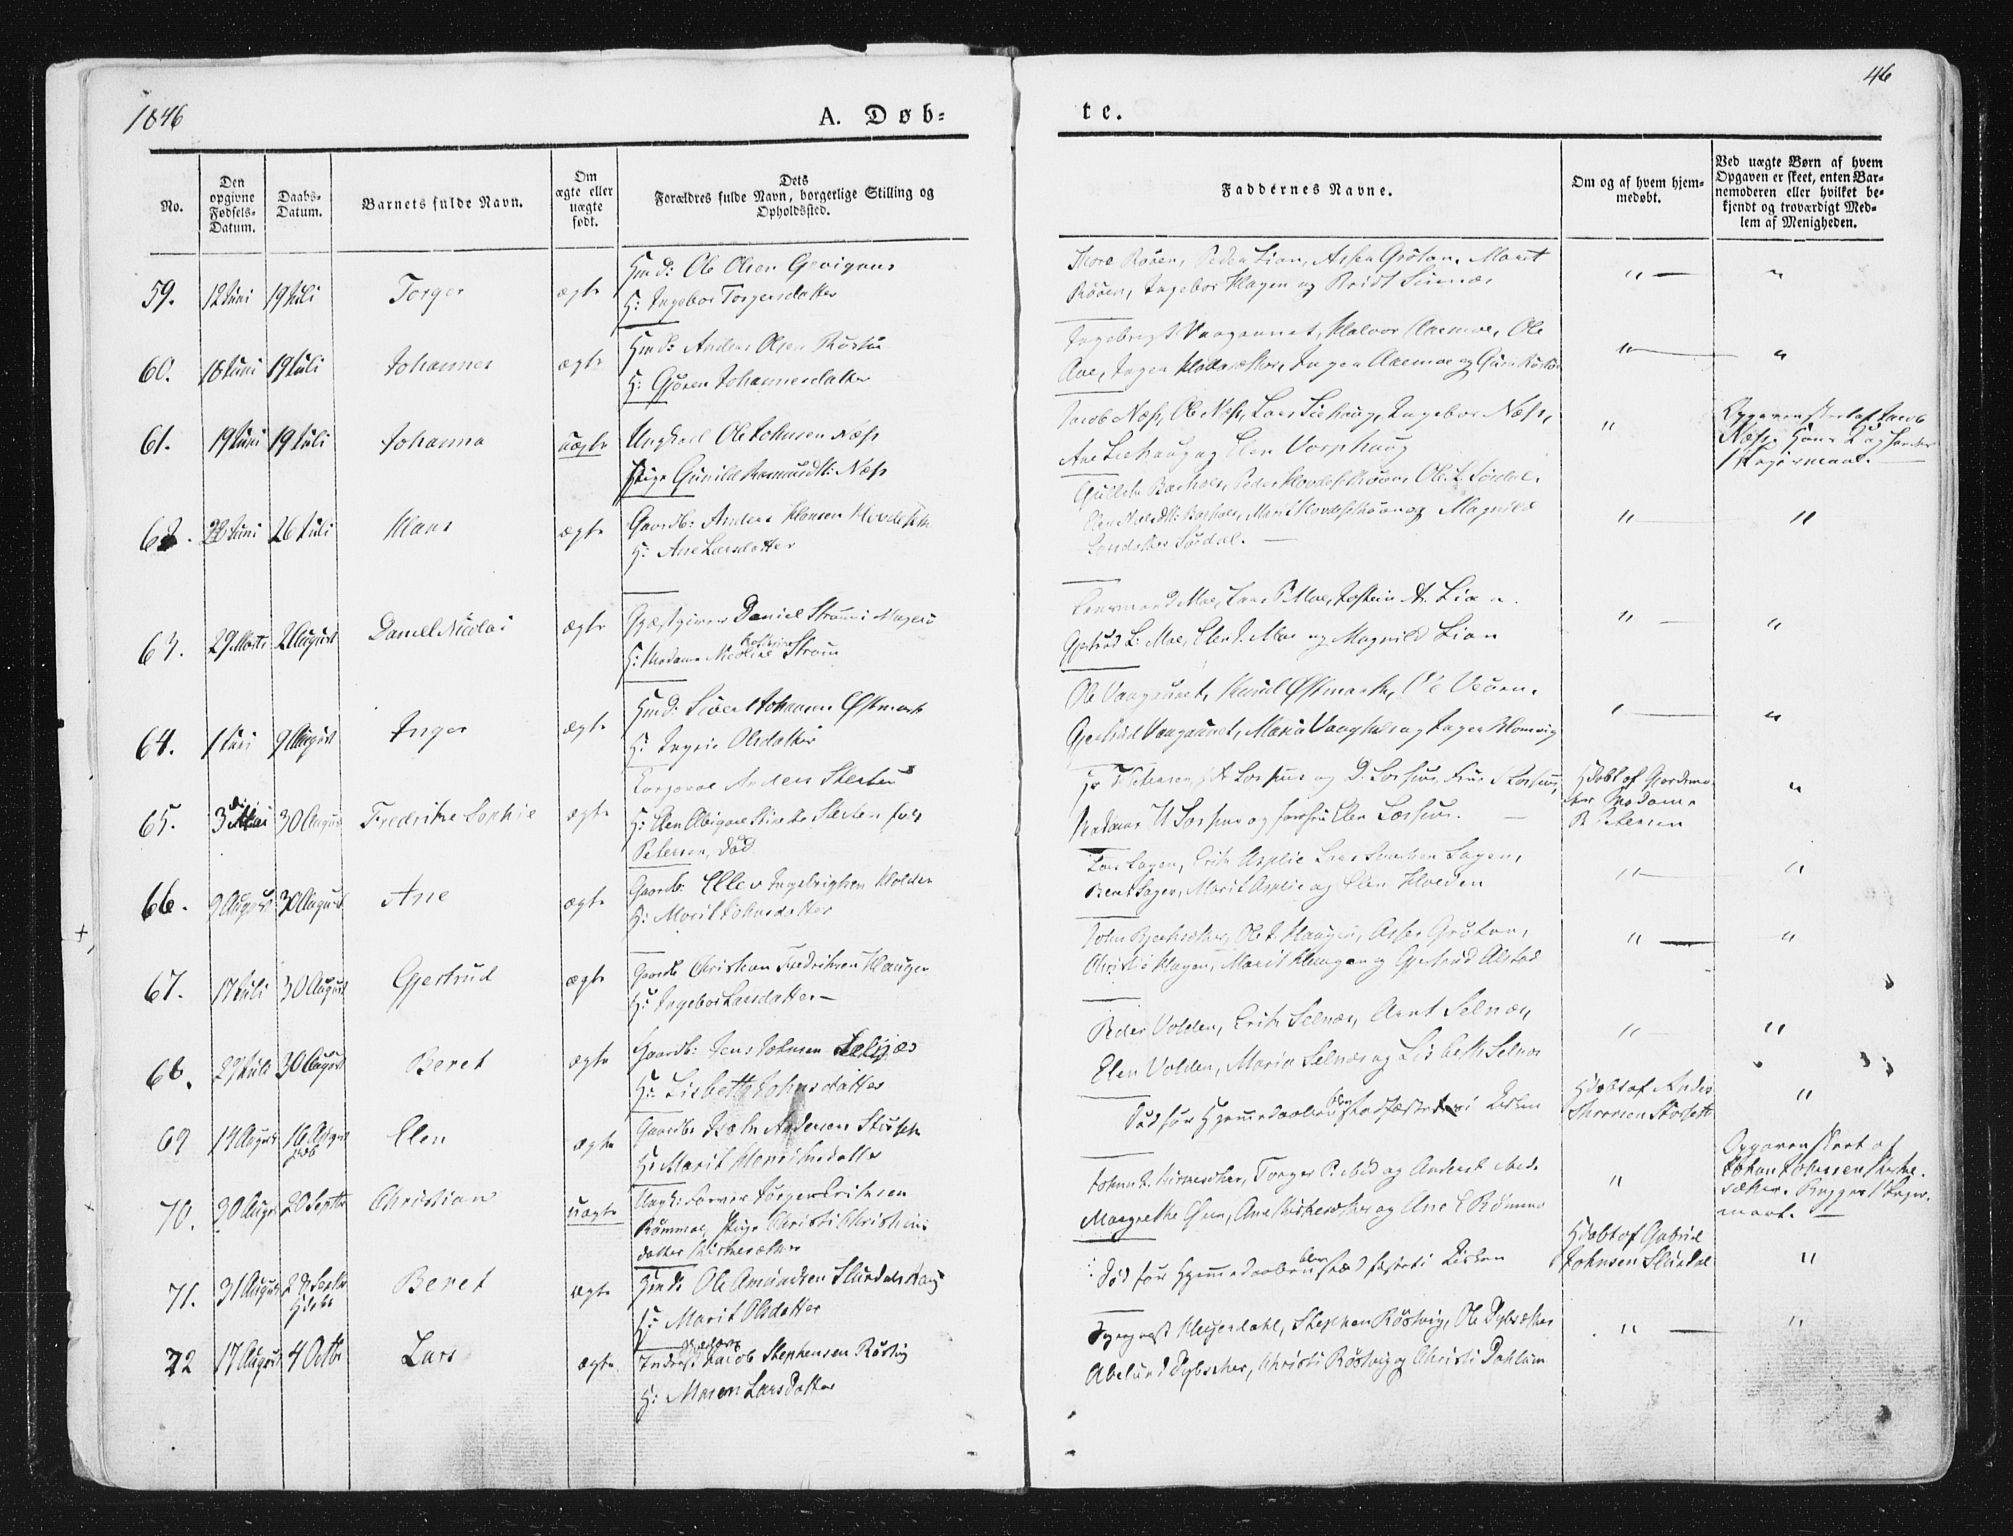 SAT, Ministerialprotokoller, klokkerbøker og fødselsregistre - Sør-Trøndelag, 630/L0493: Ministerialbok nr. 630A06, 1841-1851, s. 46